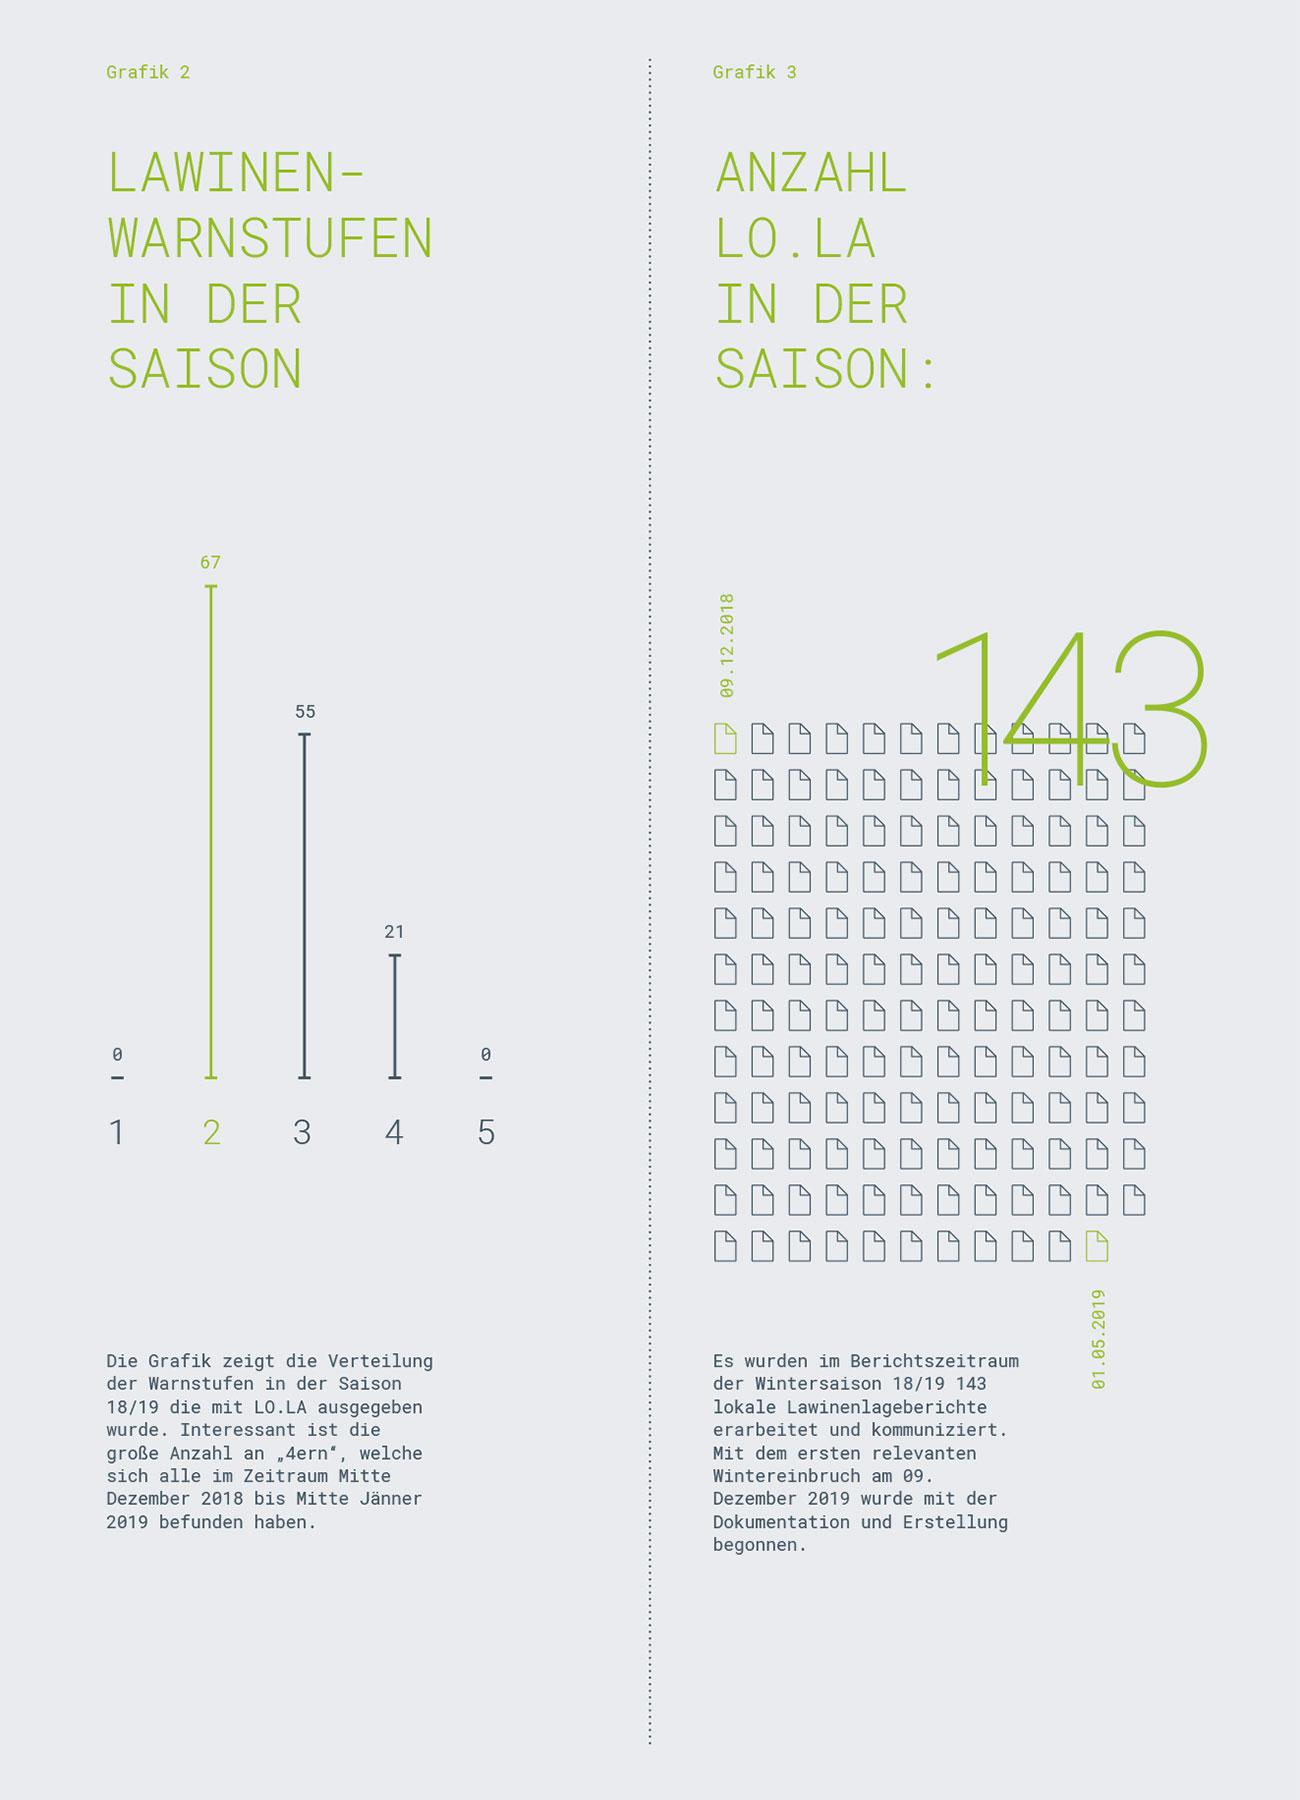 Kitzsteinhorn, Grafik Lawinenwarnstufen in der Saison, Anzahl LO.LA in der Saison | LO.LA Alpine Safety Management